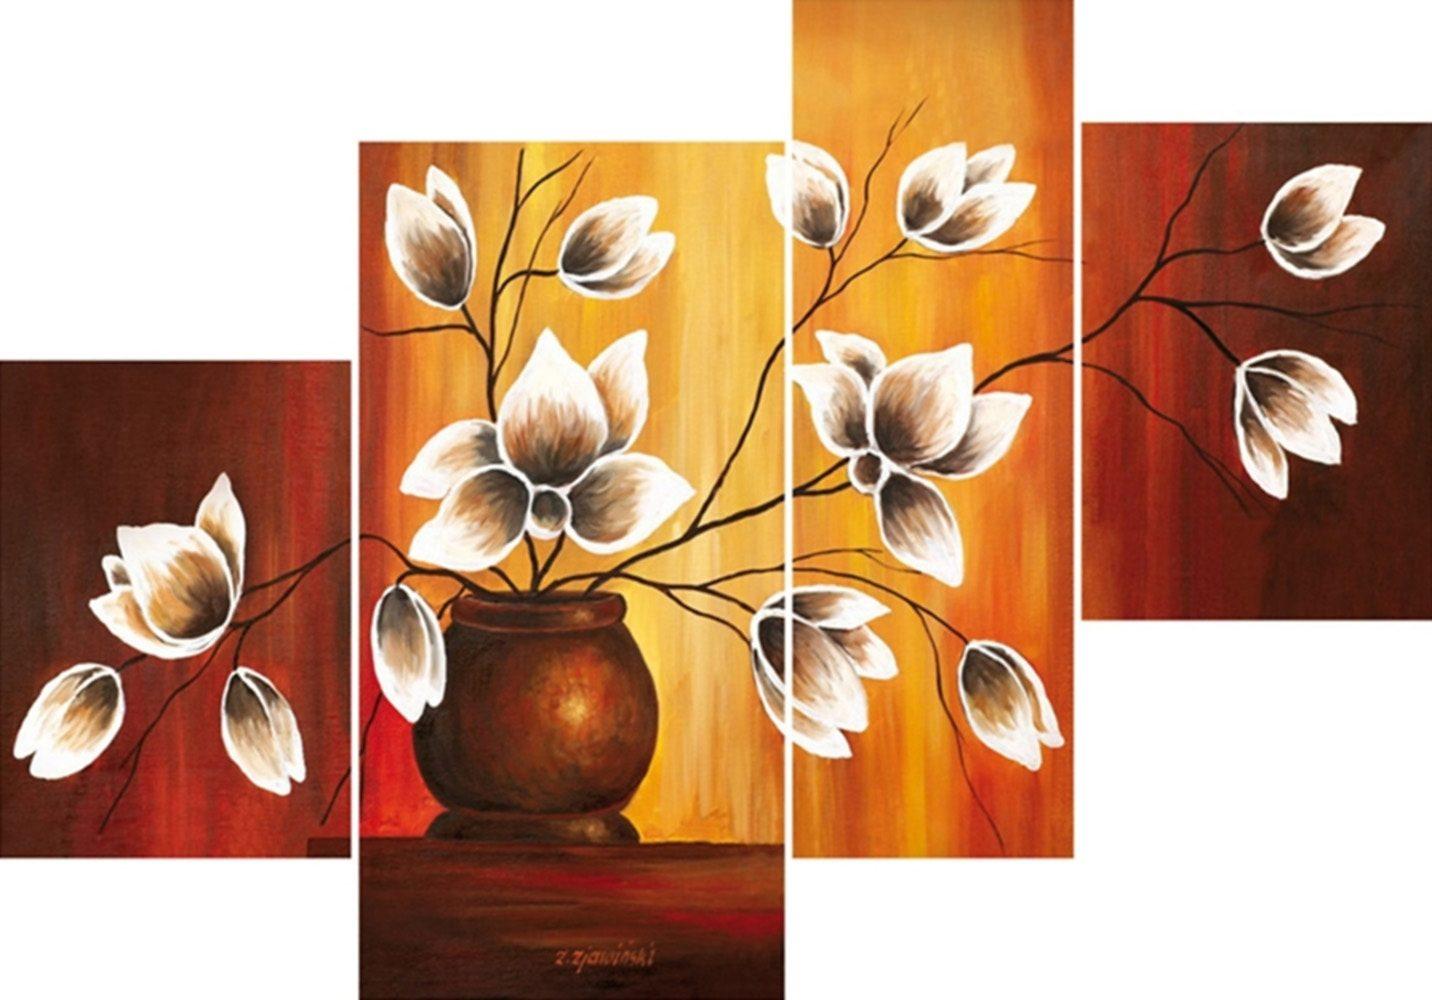 Home Affaire Bild Kunstdruck »Vase mit Magnolien«, (4-tlg.)